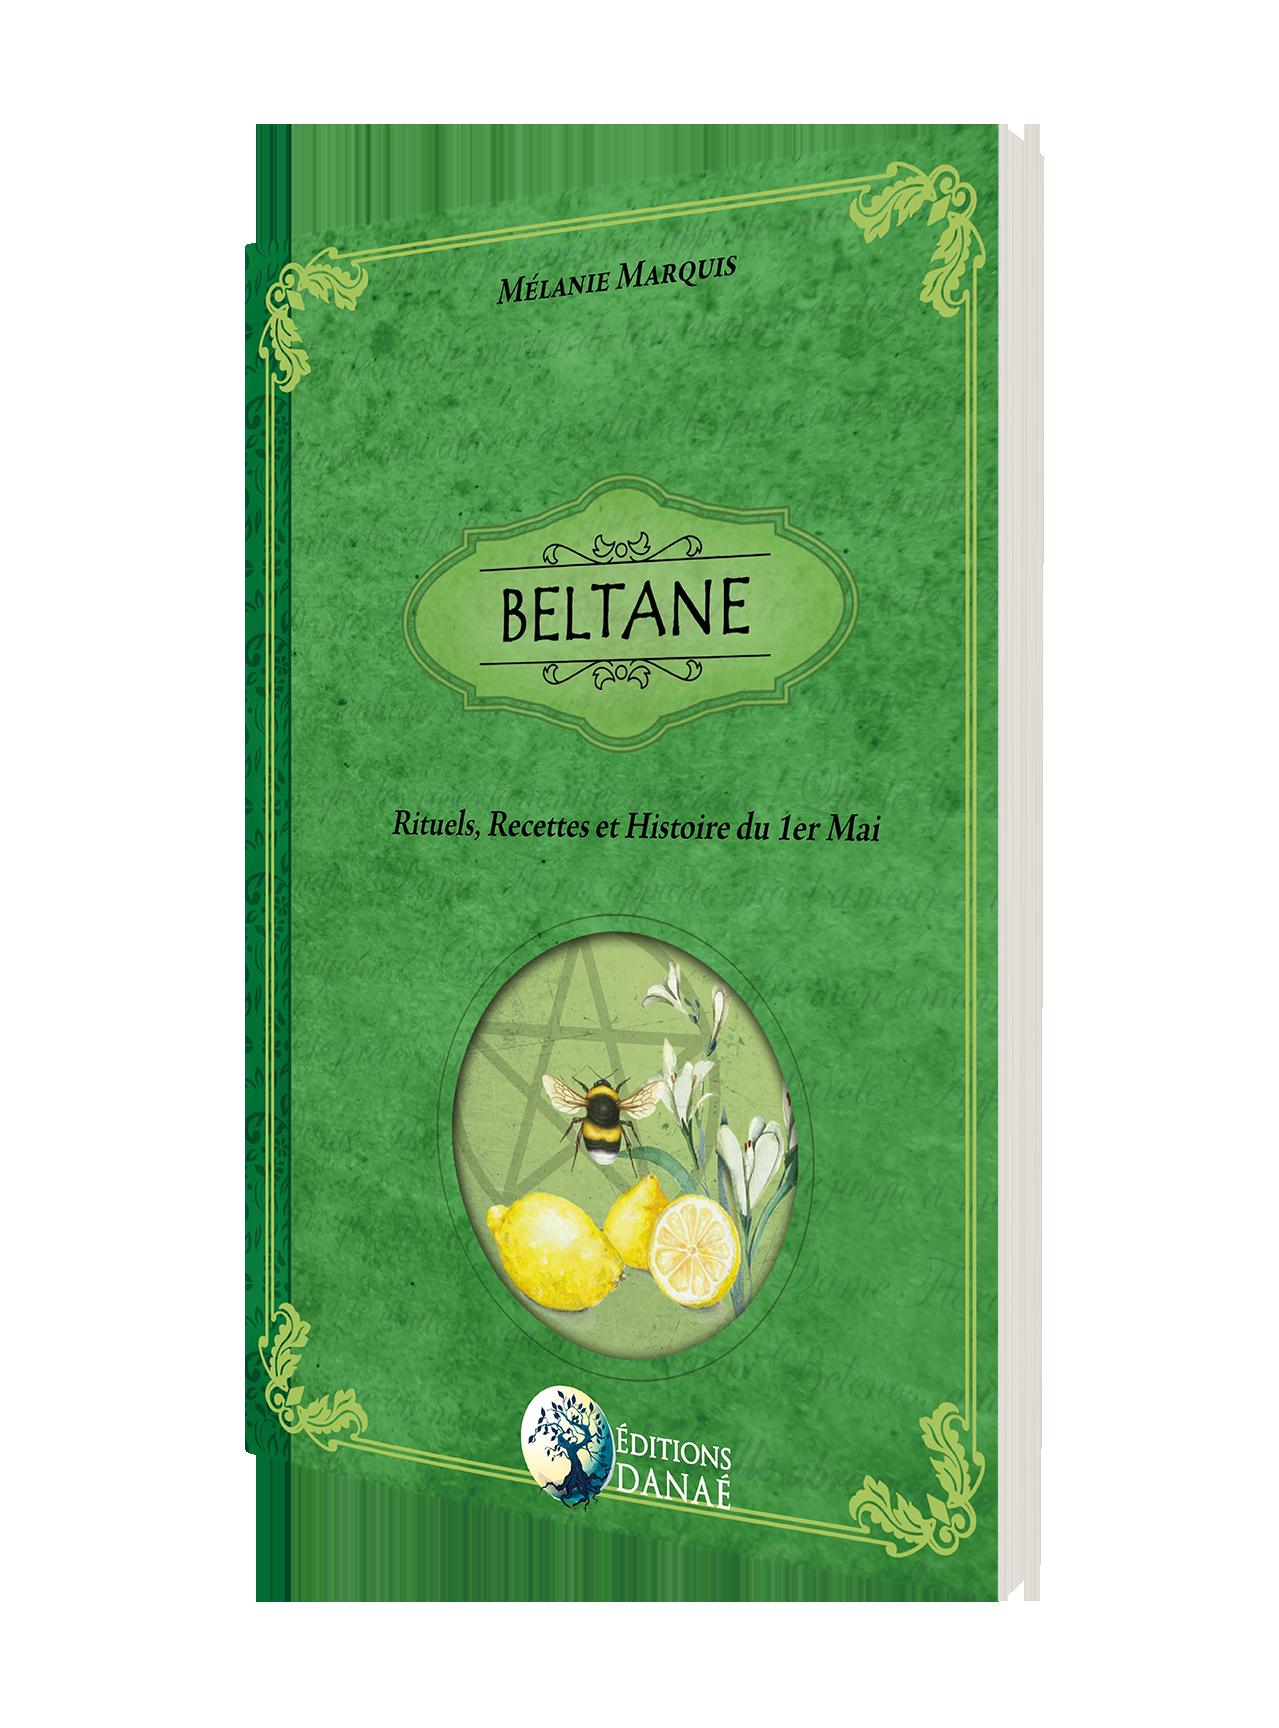 Beltane : Rituels, Recettes & Histoire du 1er Mai, Mélanie Marquis 411667beltane3D